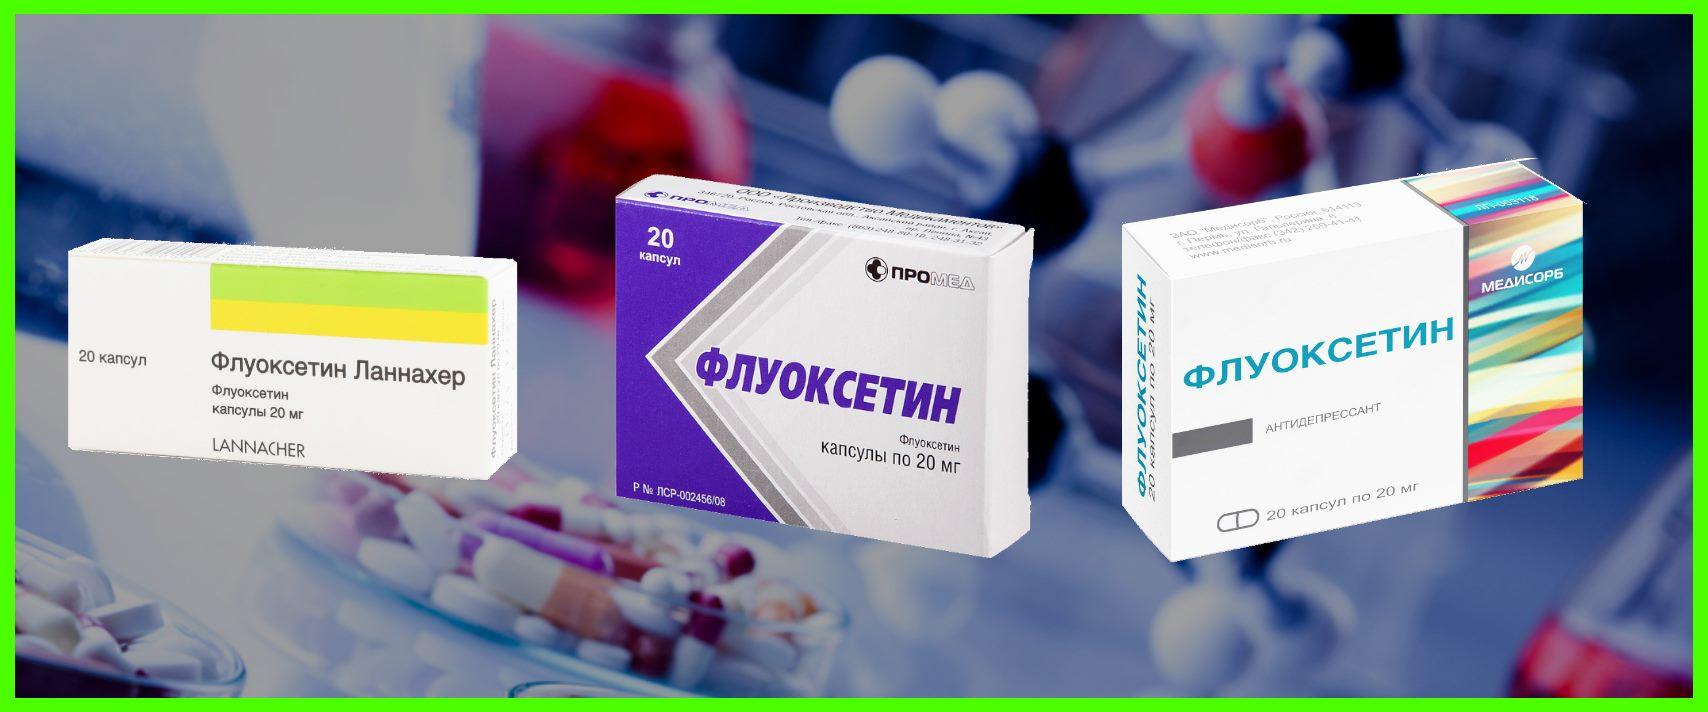 Флуоксетин – аналоги (заменители). Аналог флуоксетина для похудения